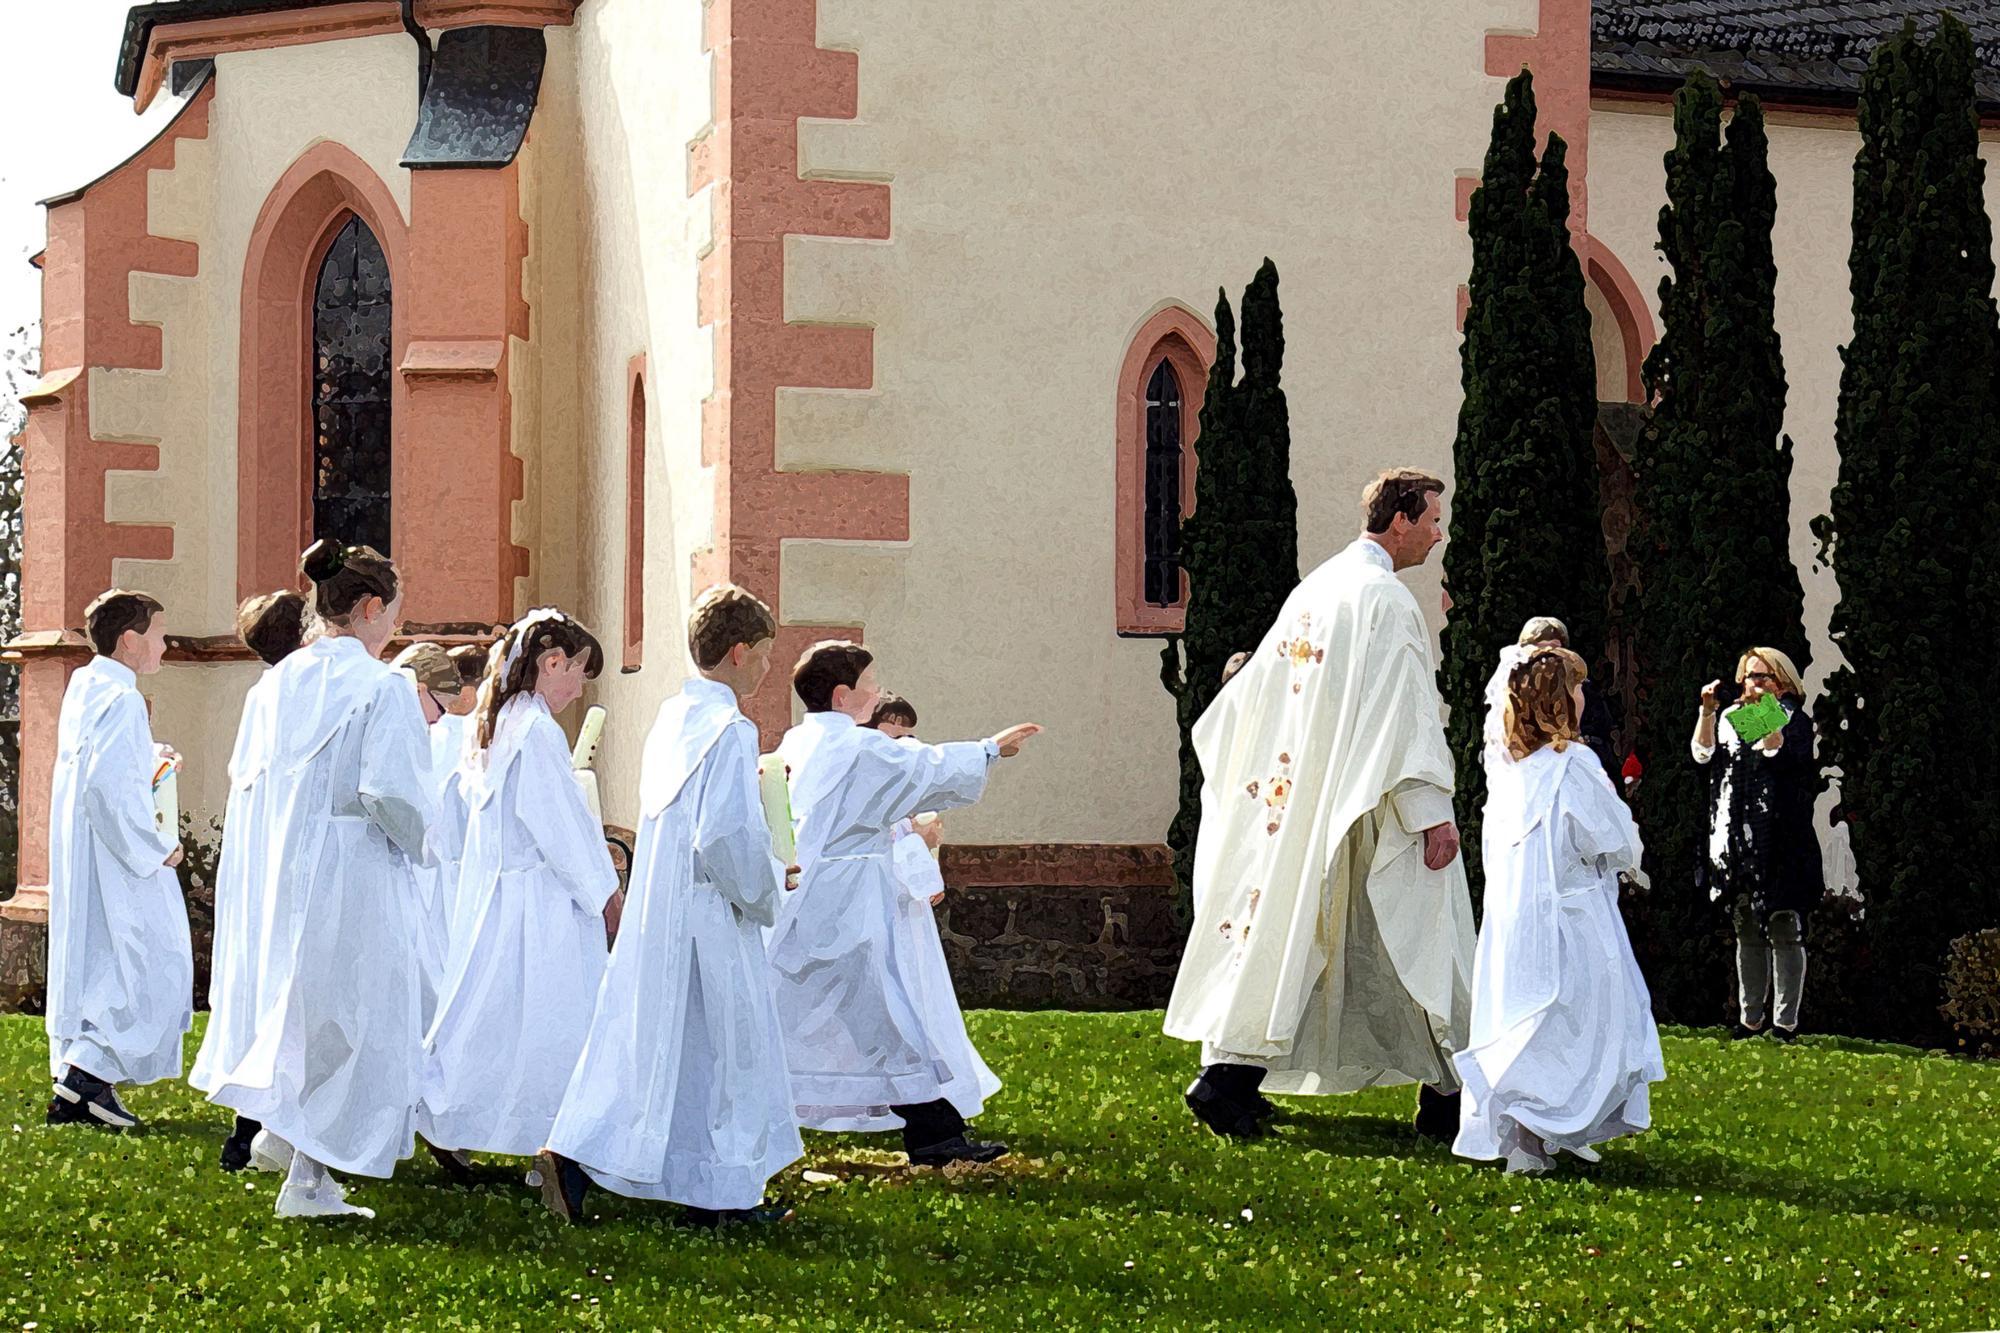 Demobilder für Pfarreien (c) Peter Weidemann in Pfarrbriefservice.de